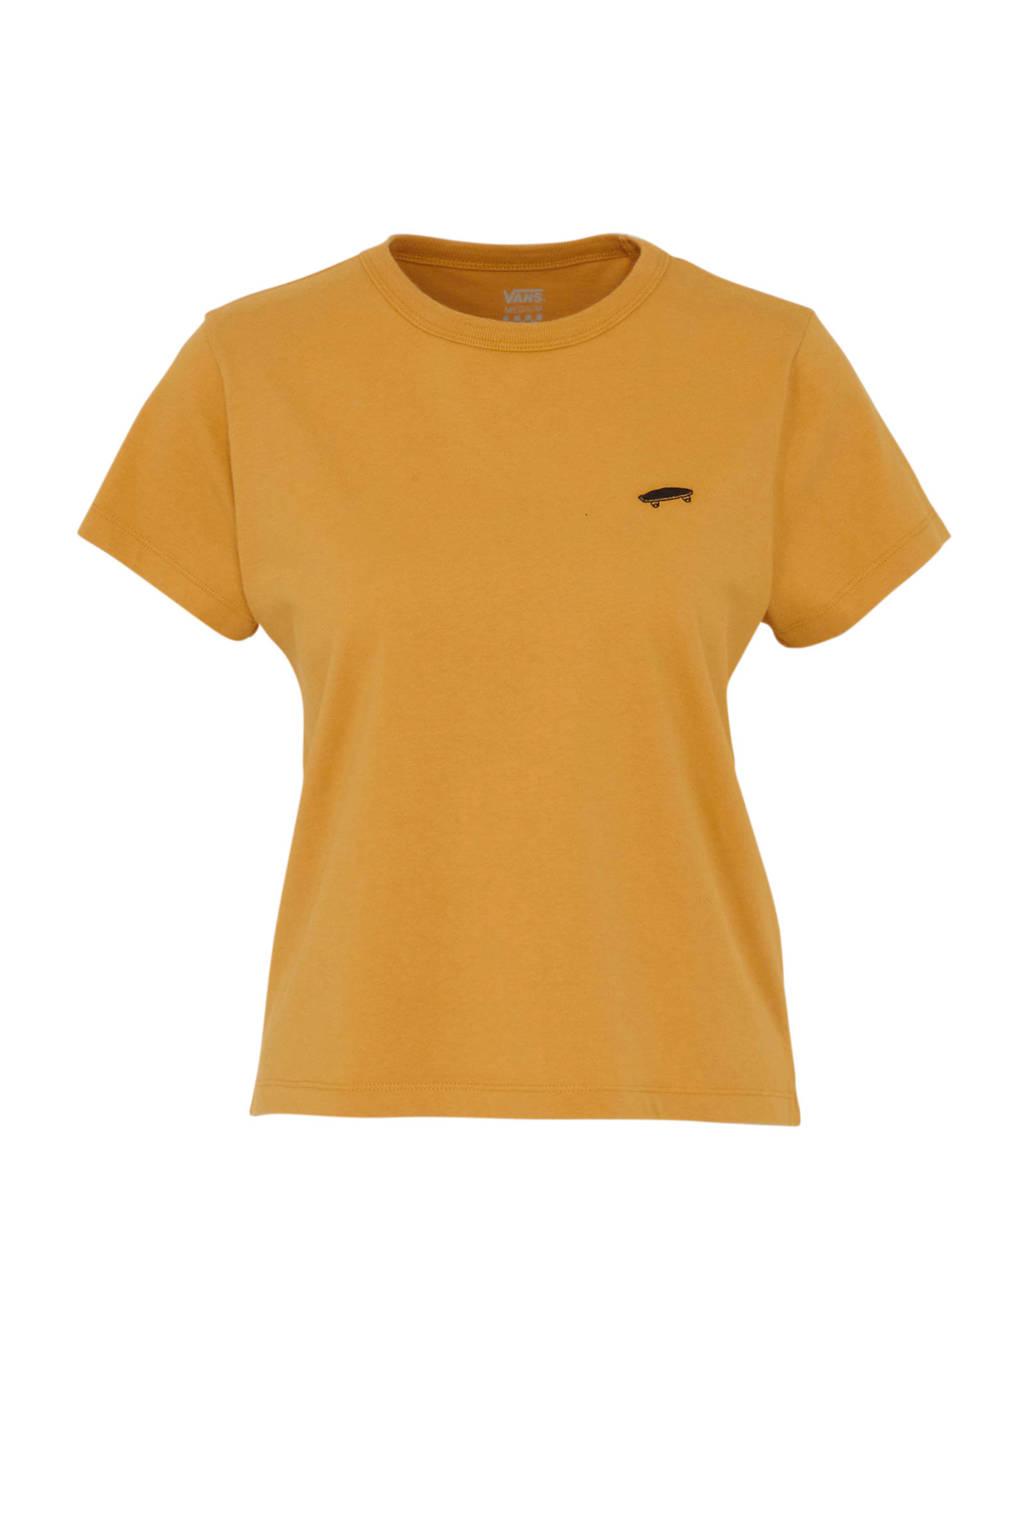 VANS T-shirt okergeel, Okergeel